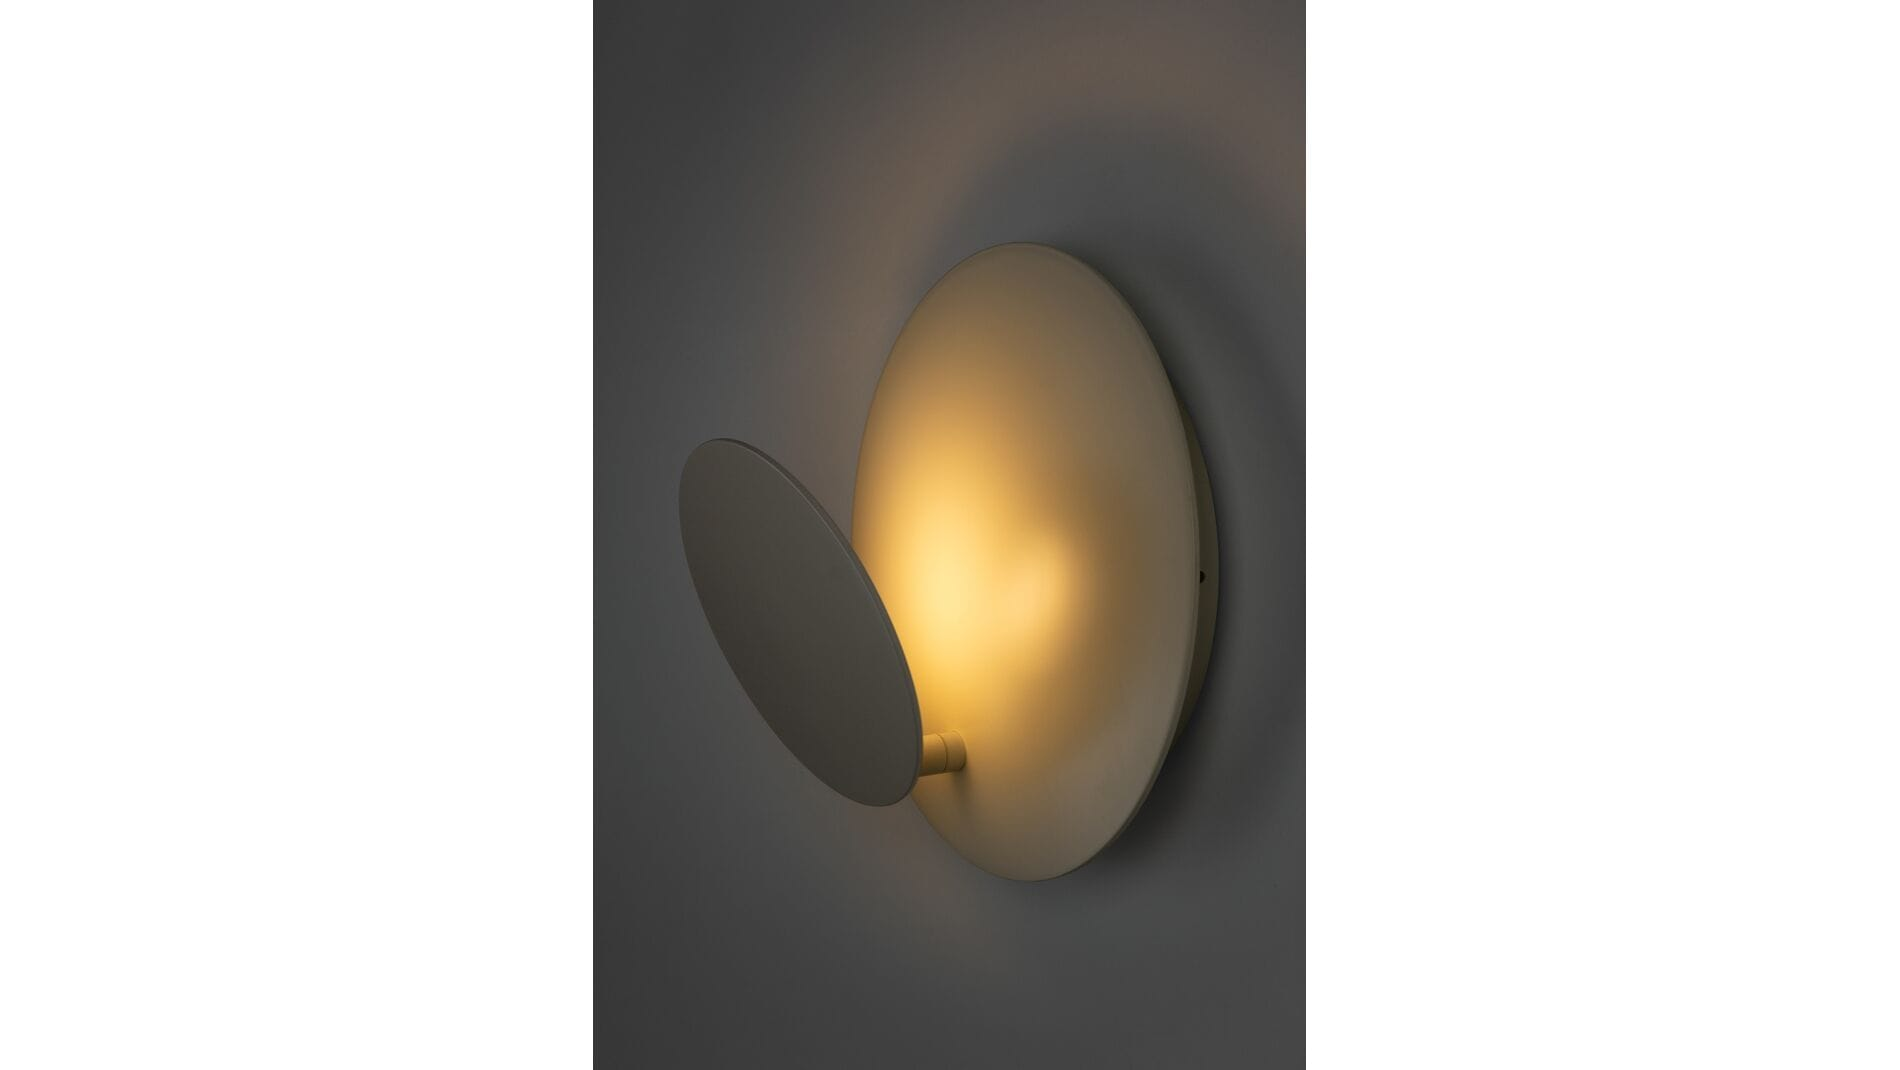 Настенный светильник Seta